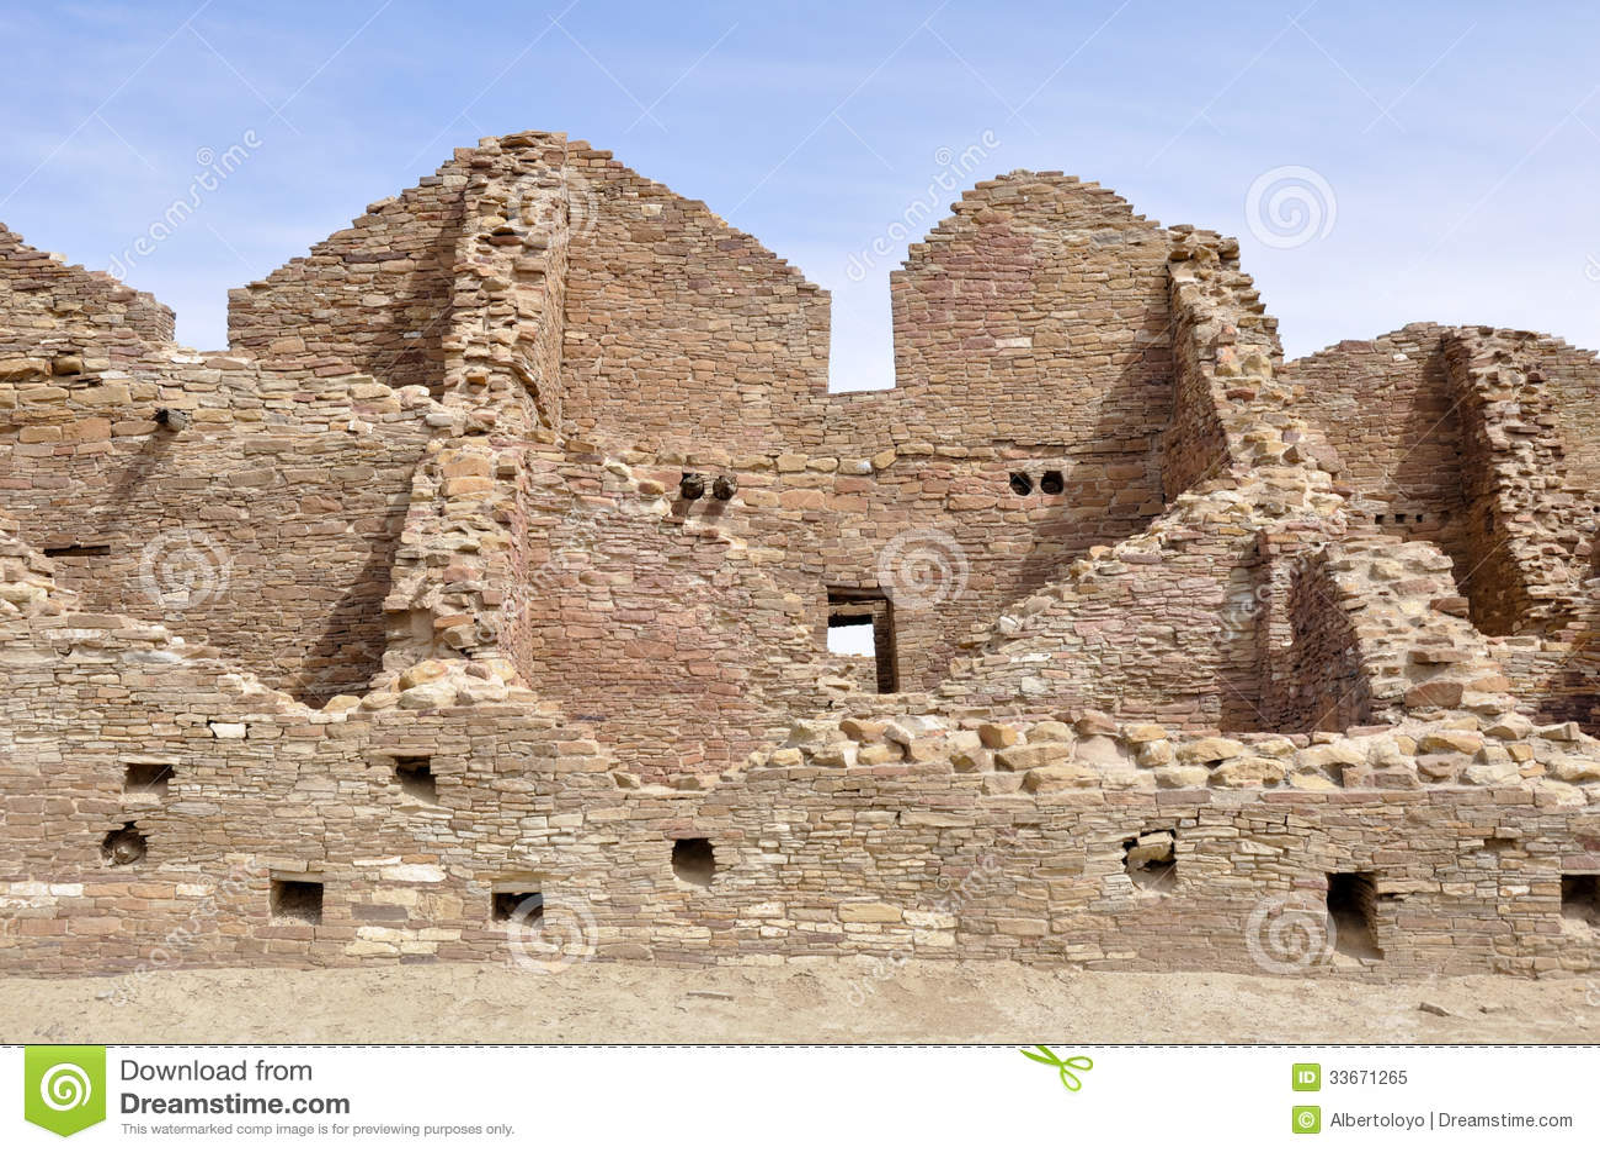 Pueblo del Arroyo ruins, Chaco Canyon, New Mexico (USA)